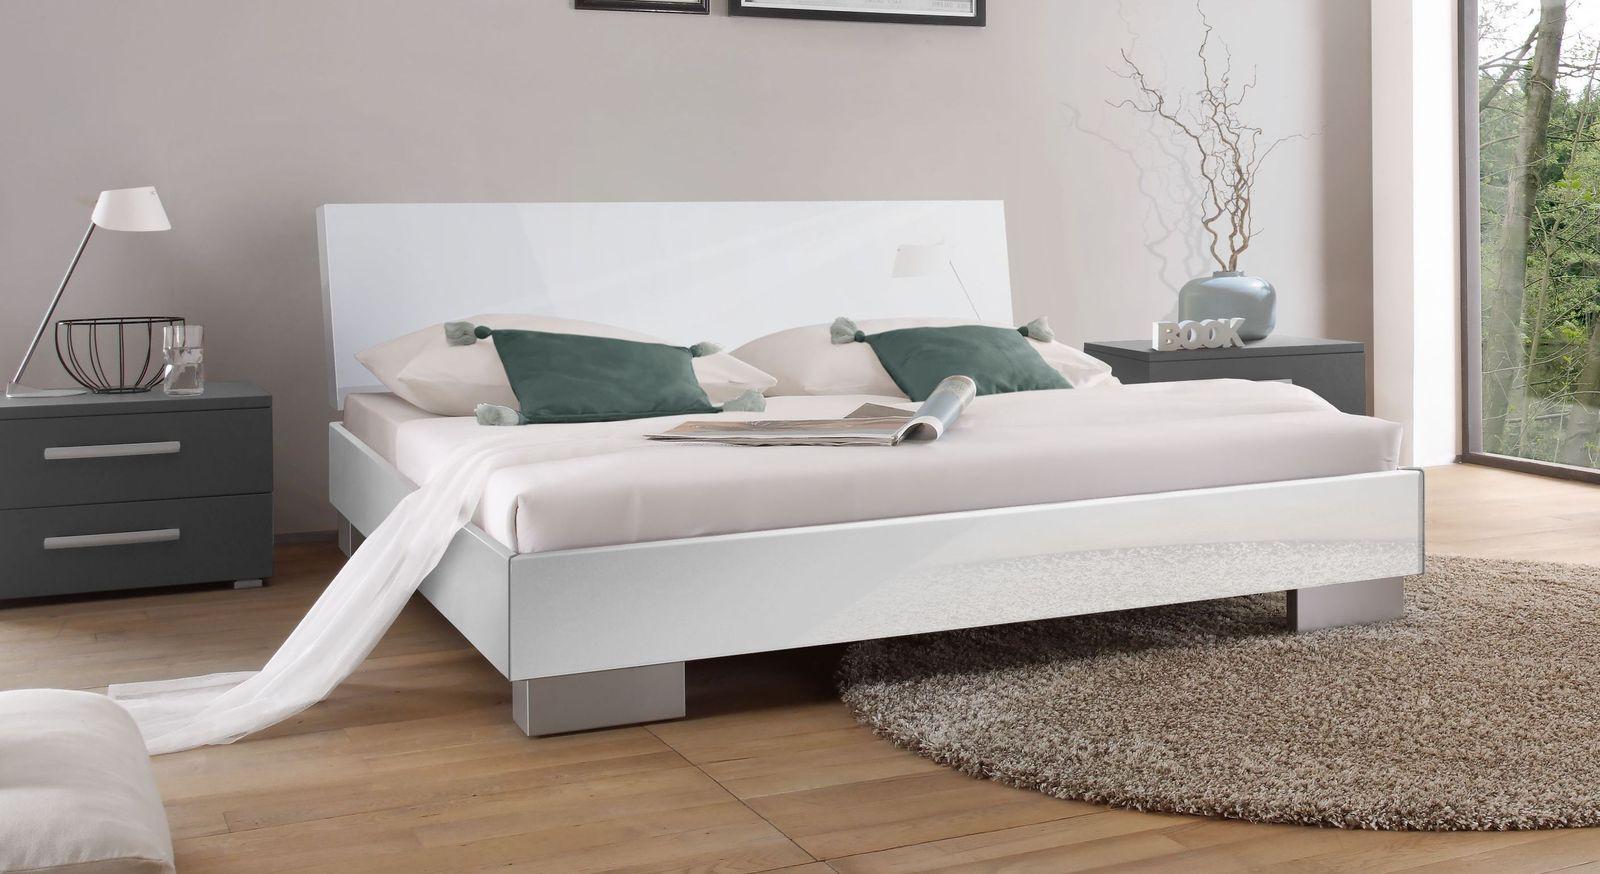 Bett Piceno mit pflegeleichter Oberfläche